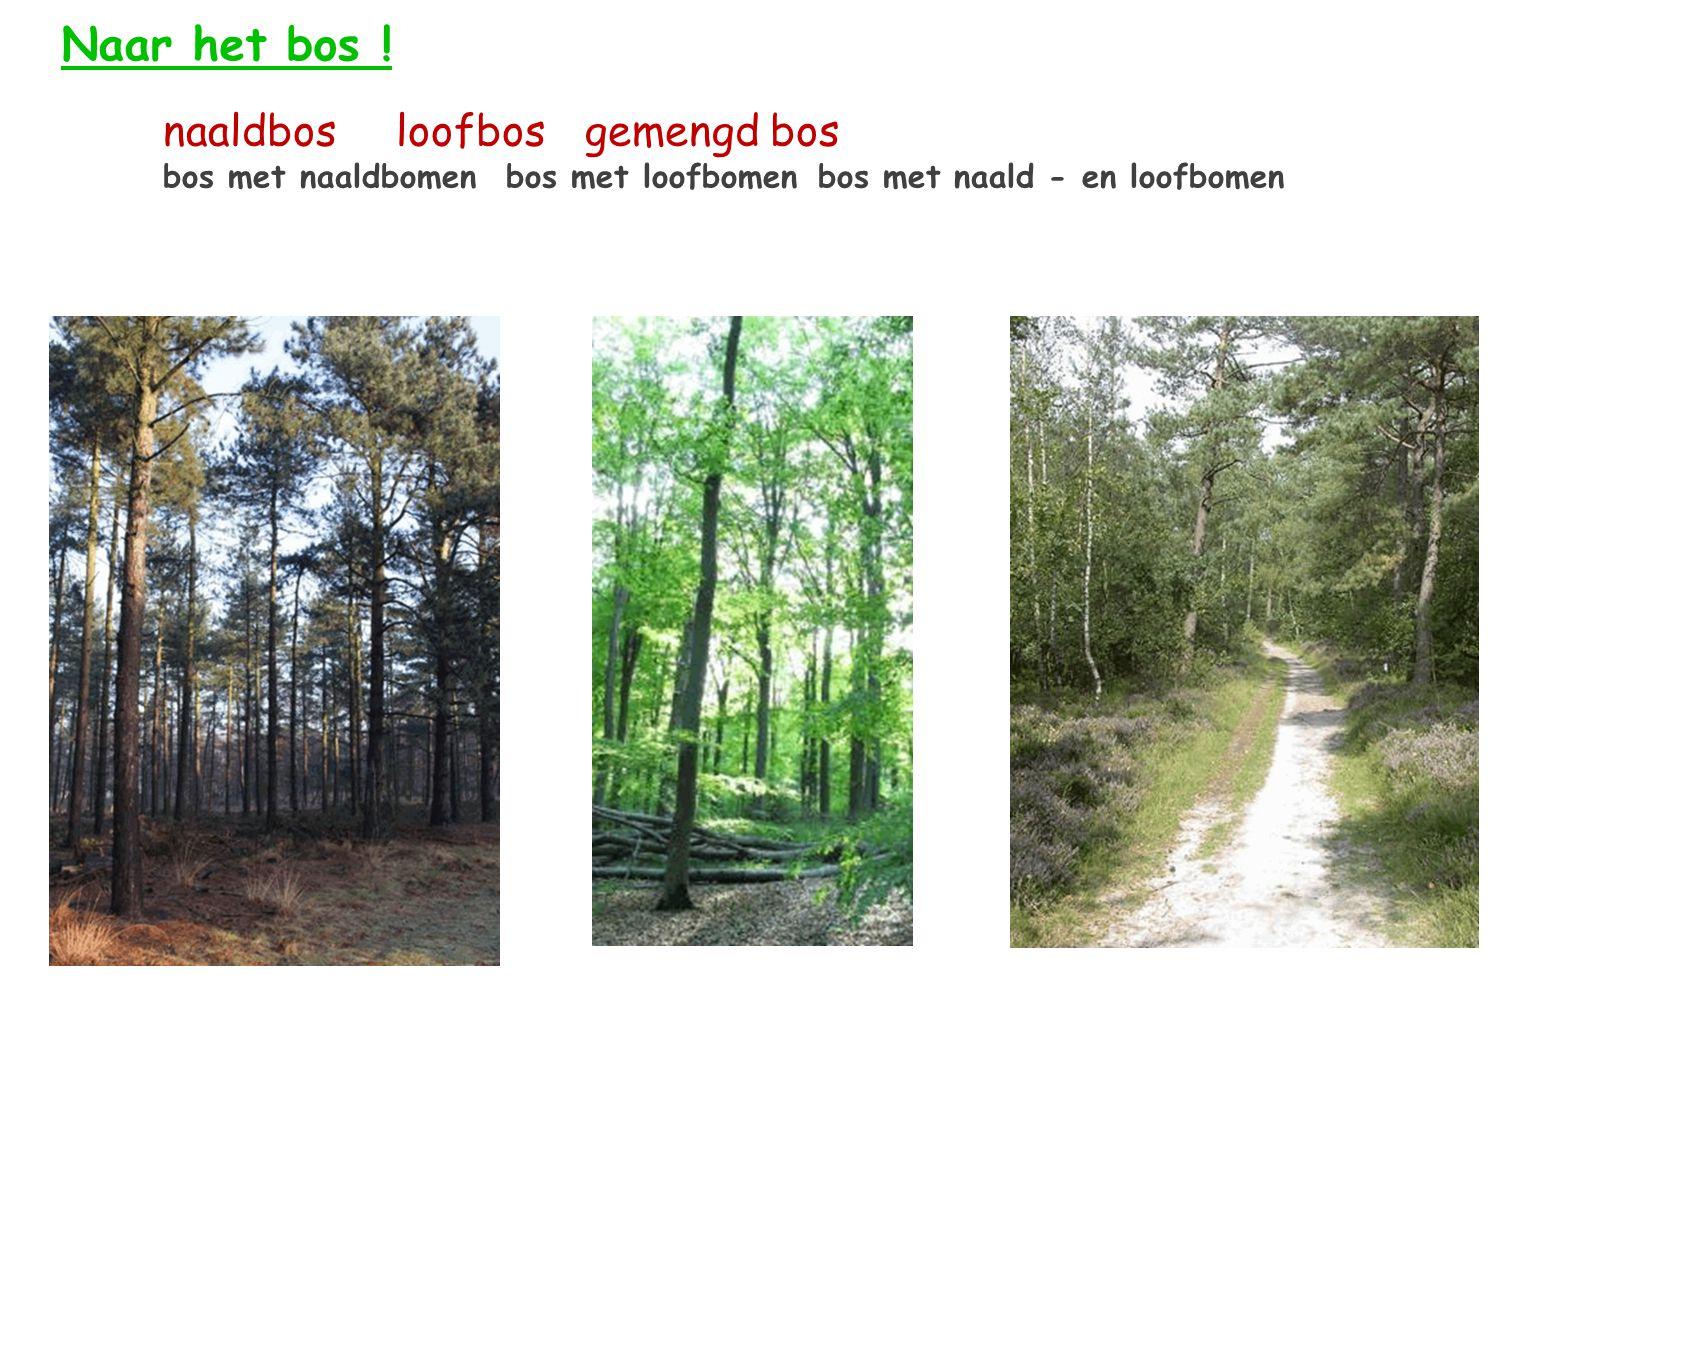 Naar het bos ! naaldbos loofbos gemengd bos bos met naaldbomen bos met loofbomen bos met naald - en loofbomen